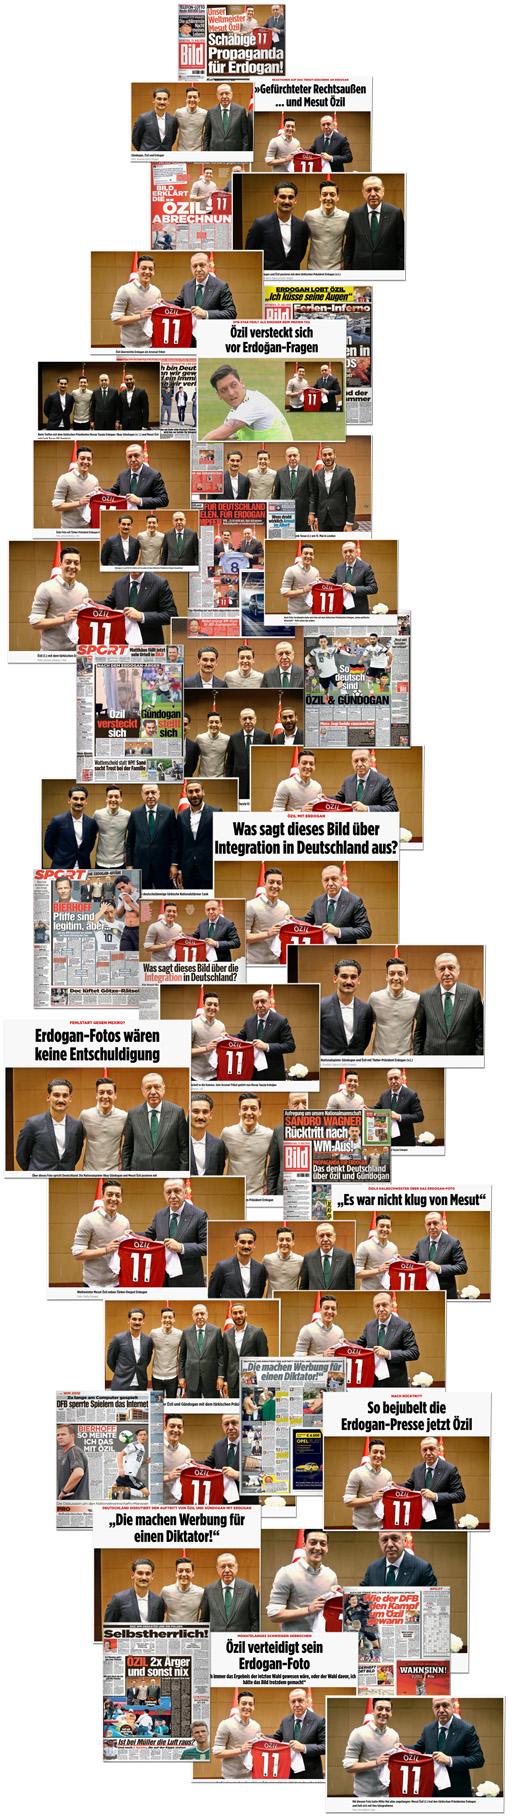 Collage mit 47 verschiedenen Screenshots und Ausrissen von Bild.de, Bild-Zeitung und Bild am Sonntag, die alle die Fotos von Mesut Özil mit dem türkischen Präsidenten Recep Tayyip Erdogan zeigen, manche mit Ilkay Gündogan, manche ohne.